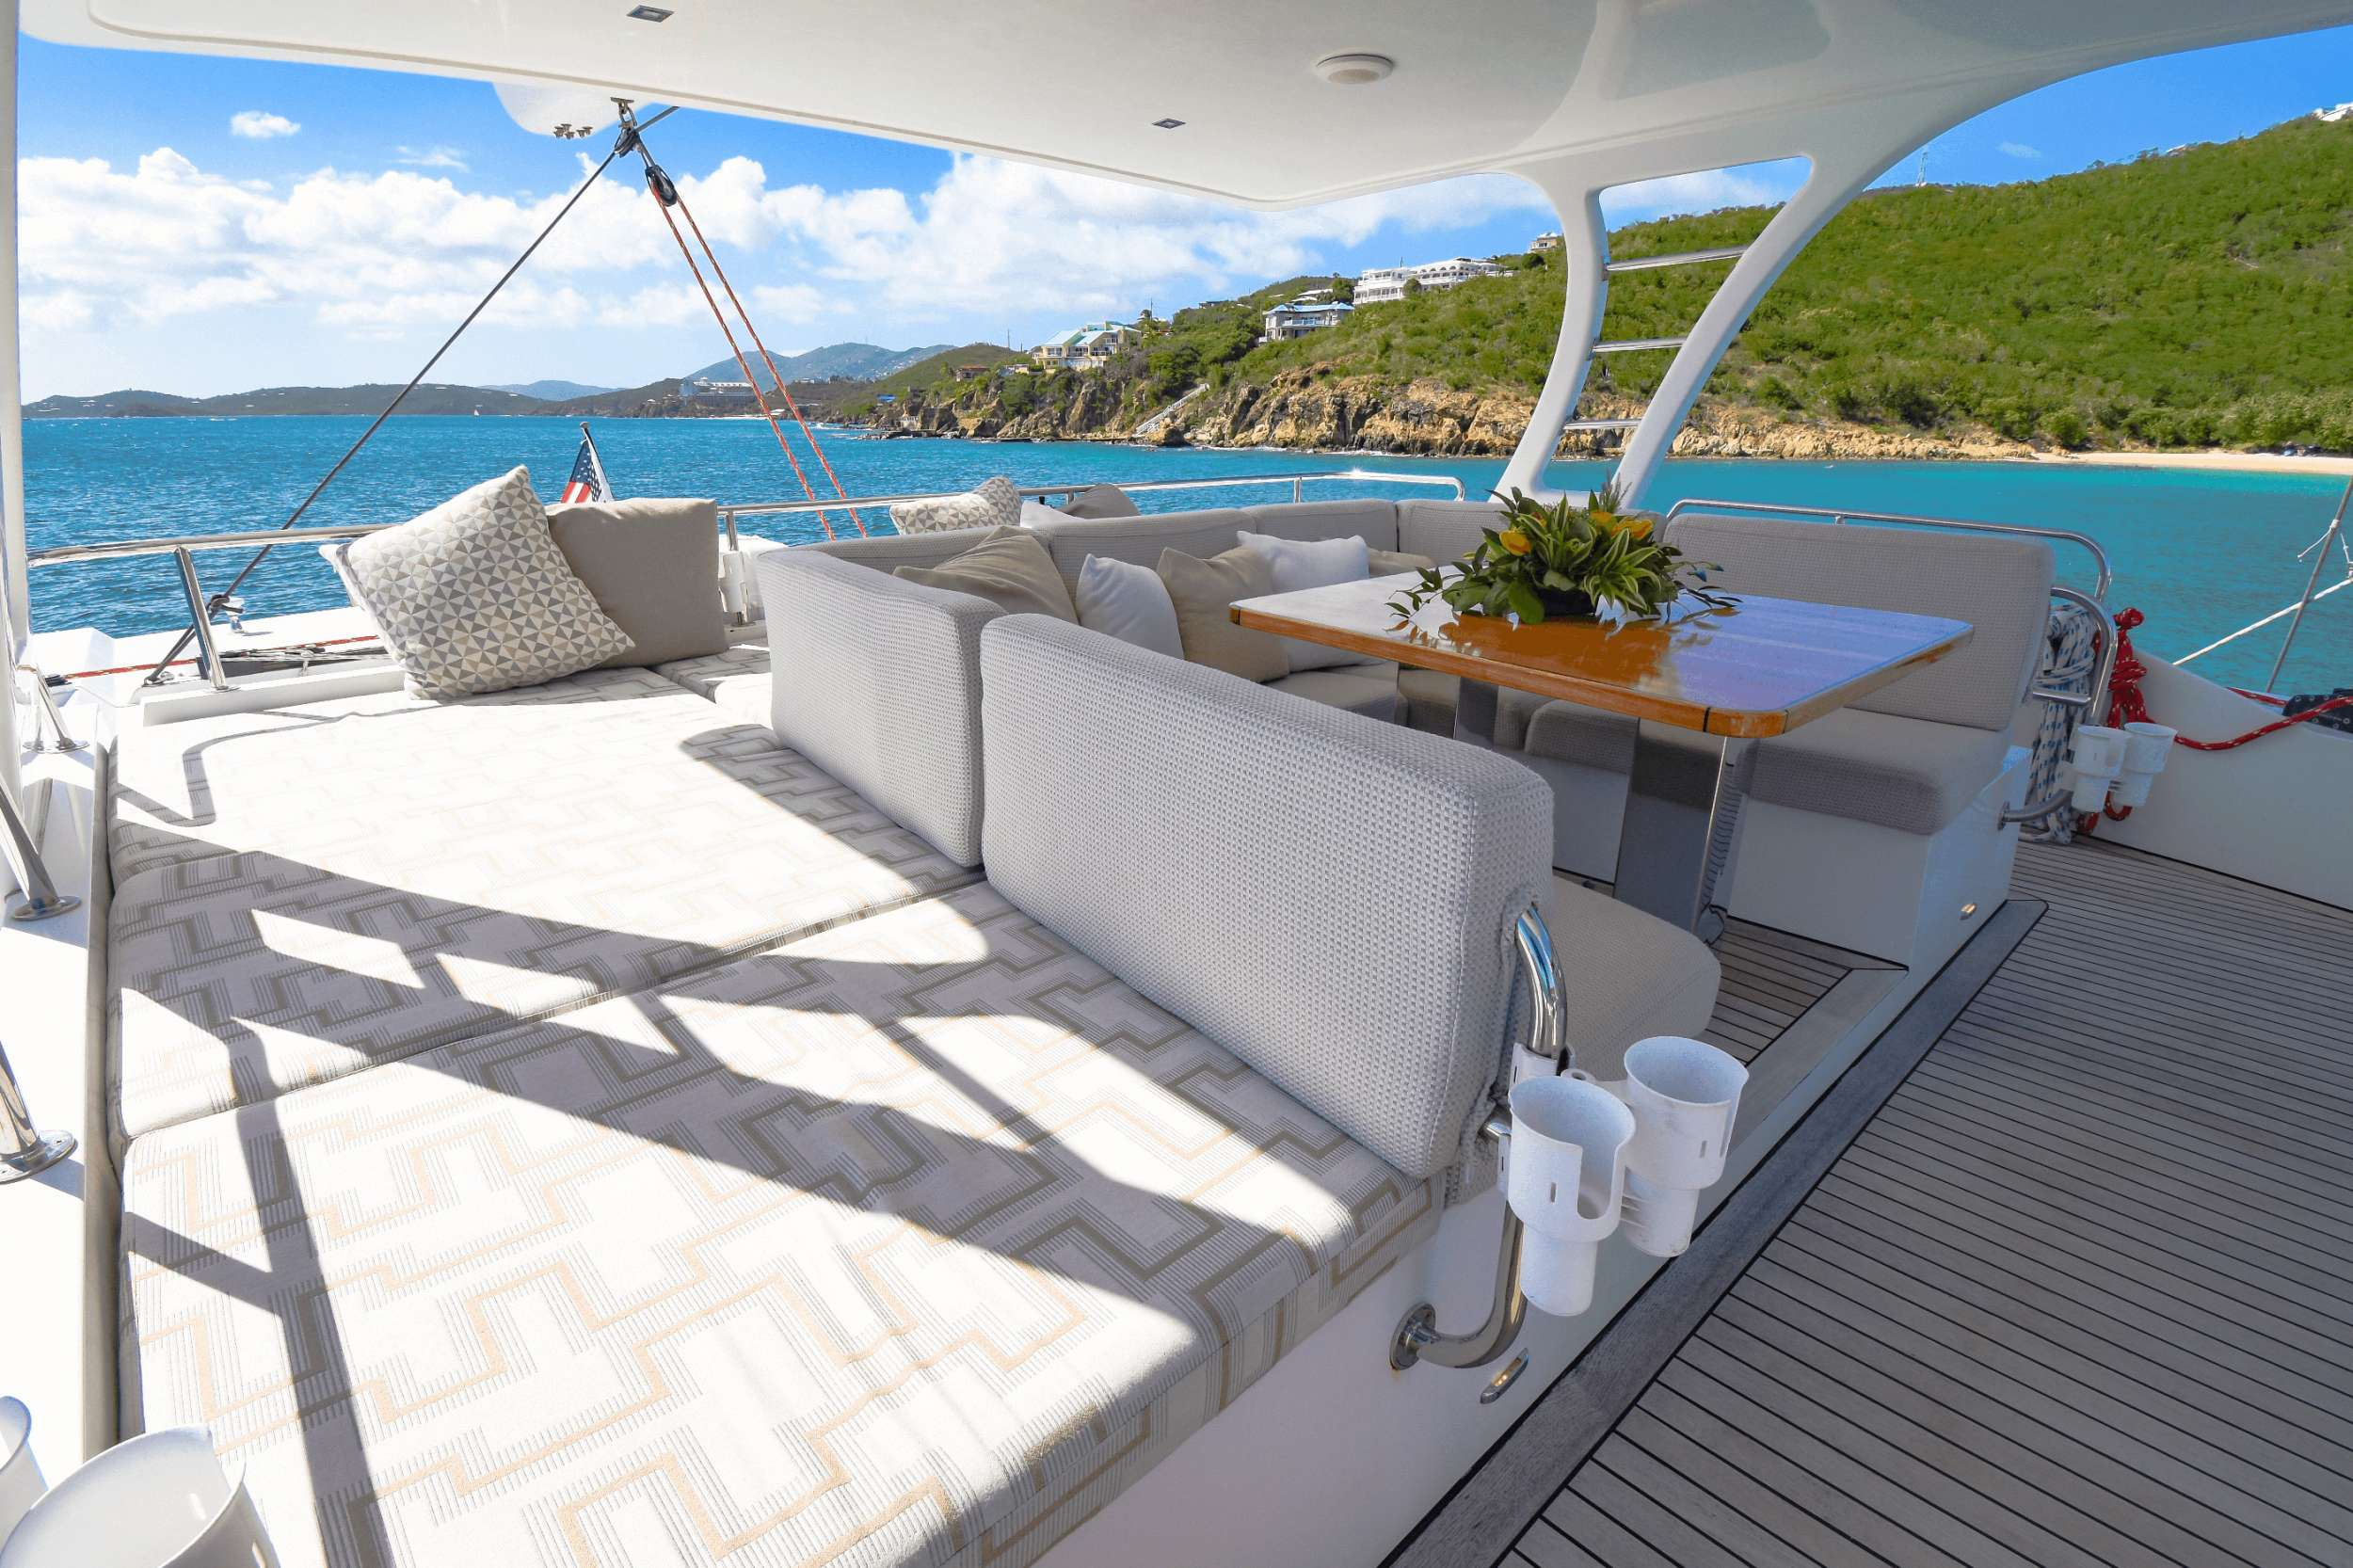 EUPHORIA 60 yacht image # 4